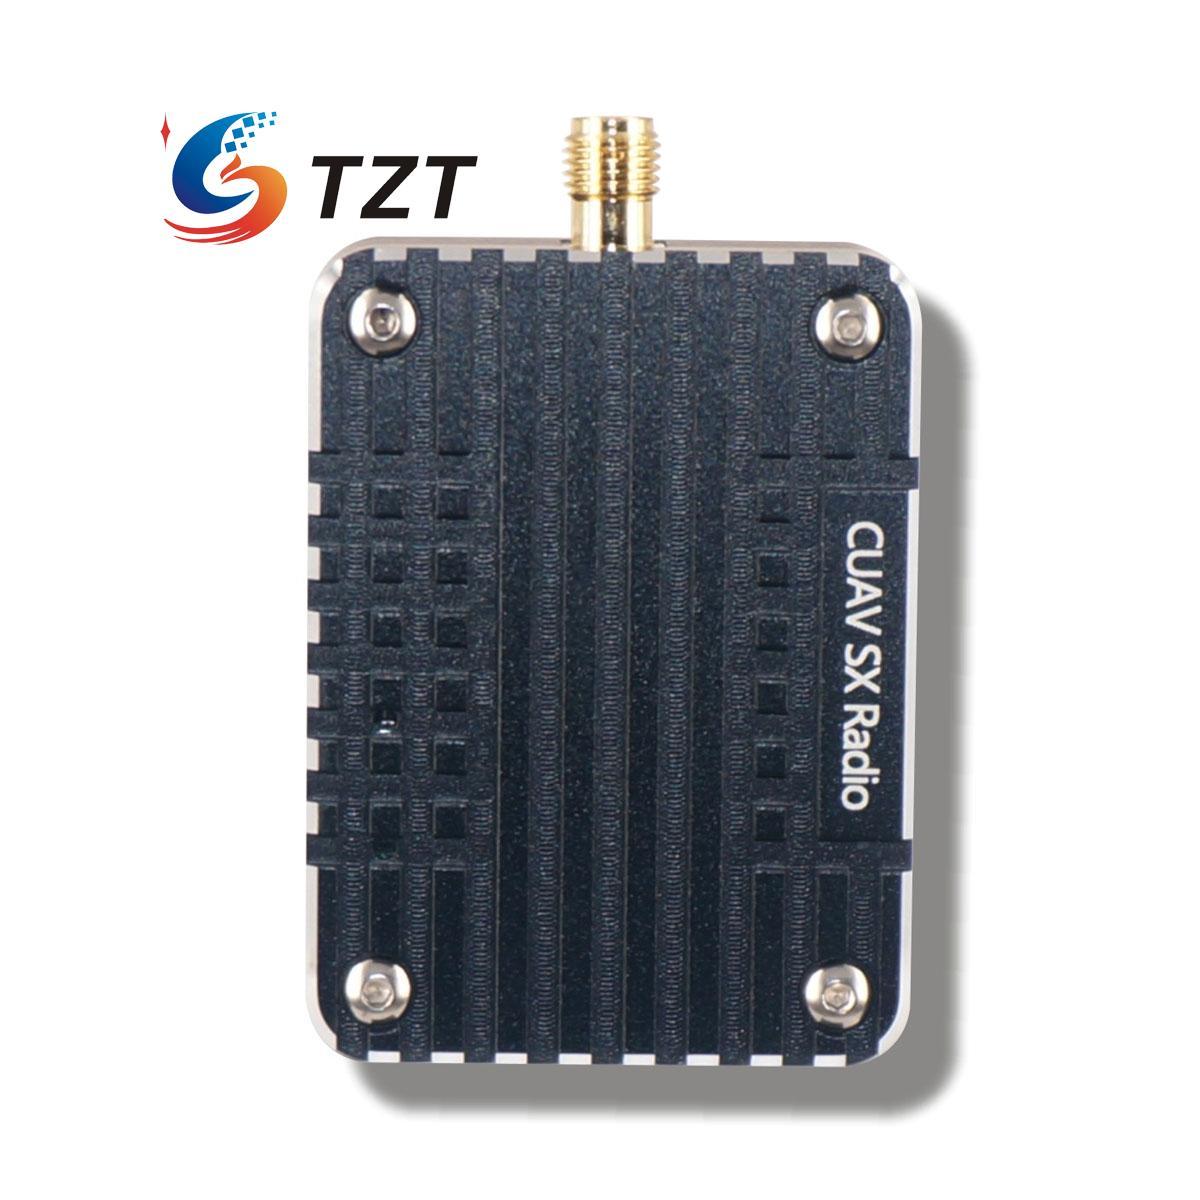 Module de Transmission de données Radio CUAV SX 1000 mw 1 W 2 pièces sans fil pour contrôleur de vol Pixhawk/Pixhack